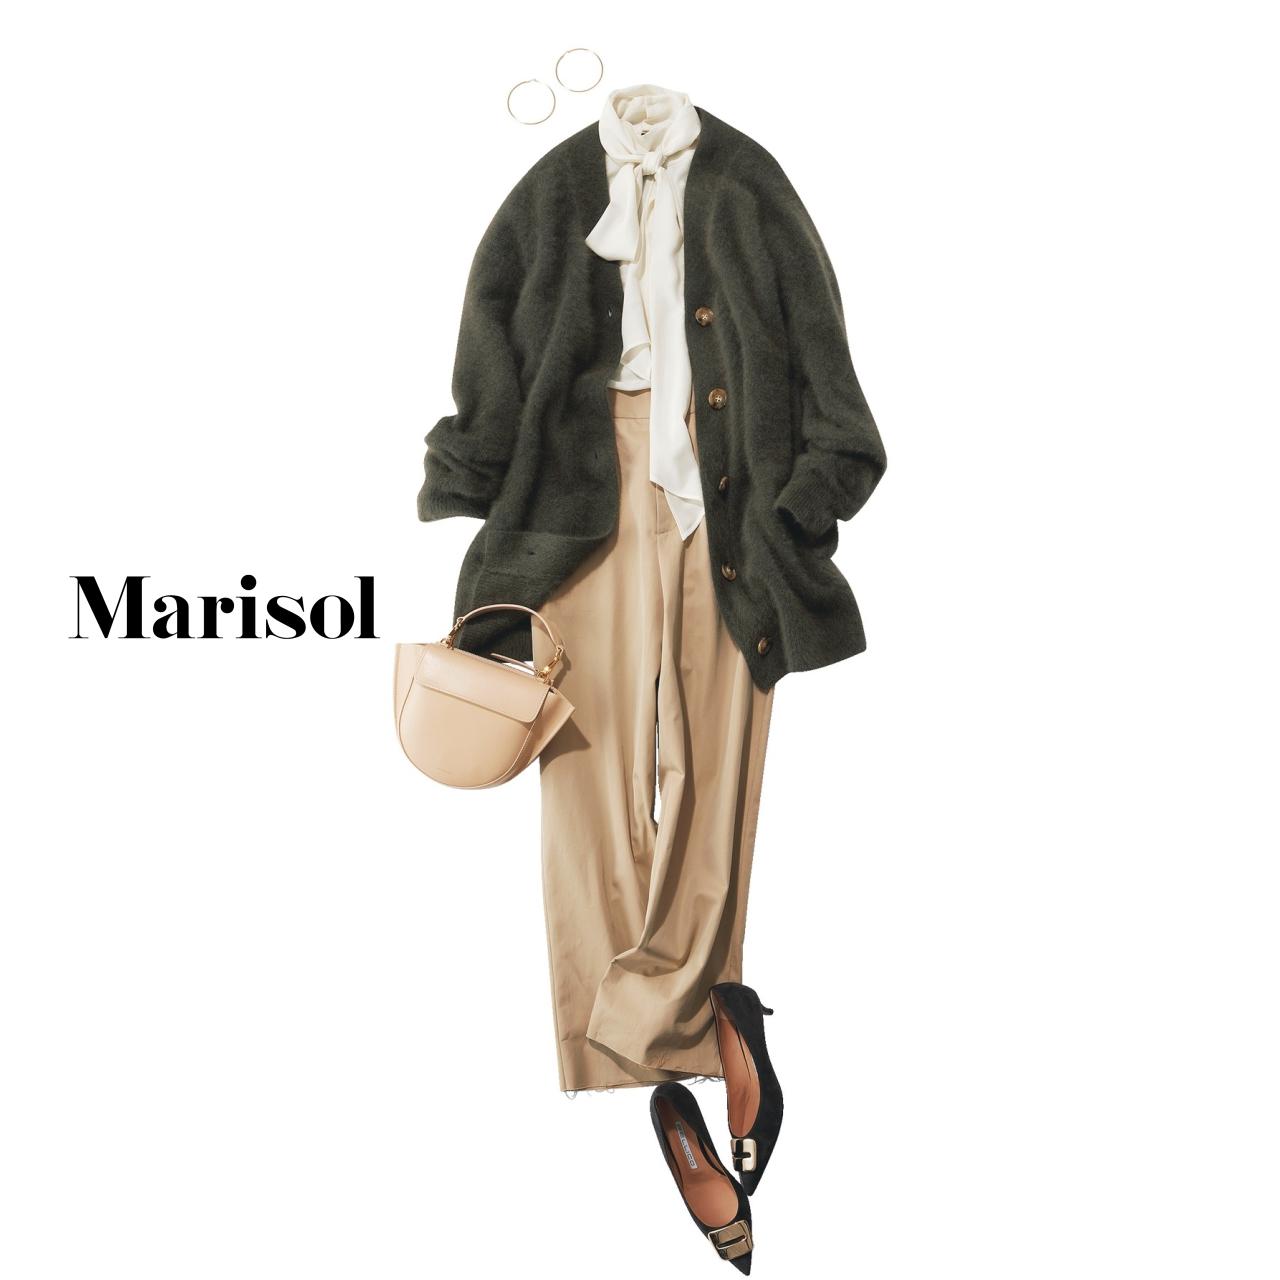 40代ファッション ミドル丈カーディガン×ブラウス×ワイドパンツコーデ